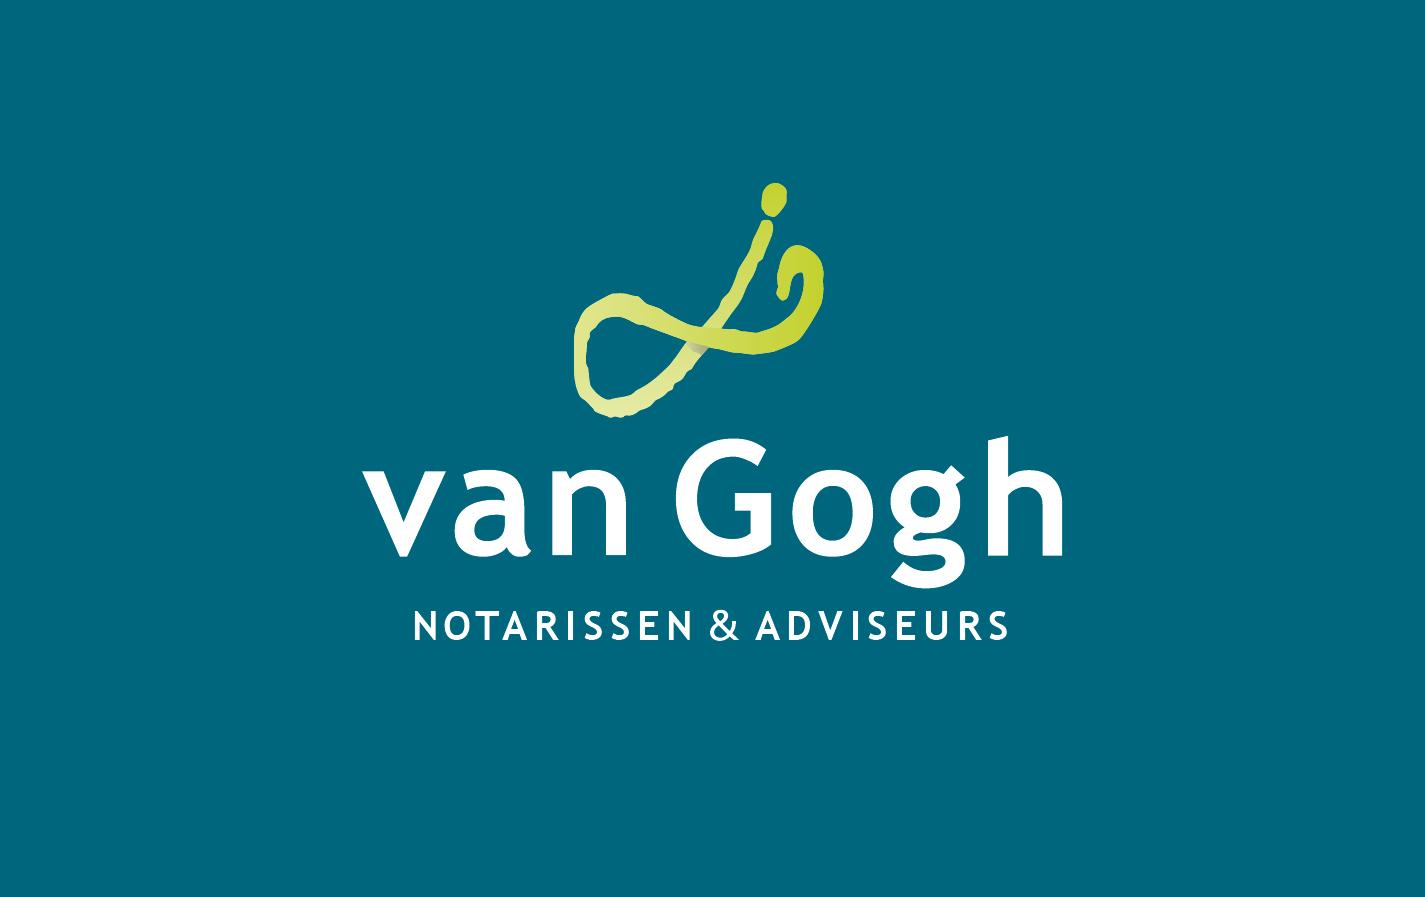 Logo ontwerp Utrecht - Van Gogh notarissen